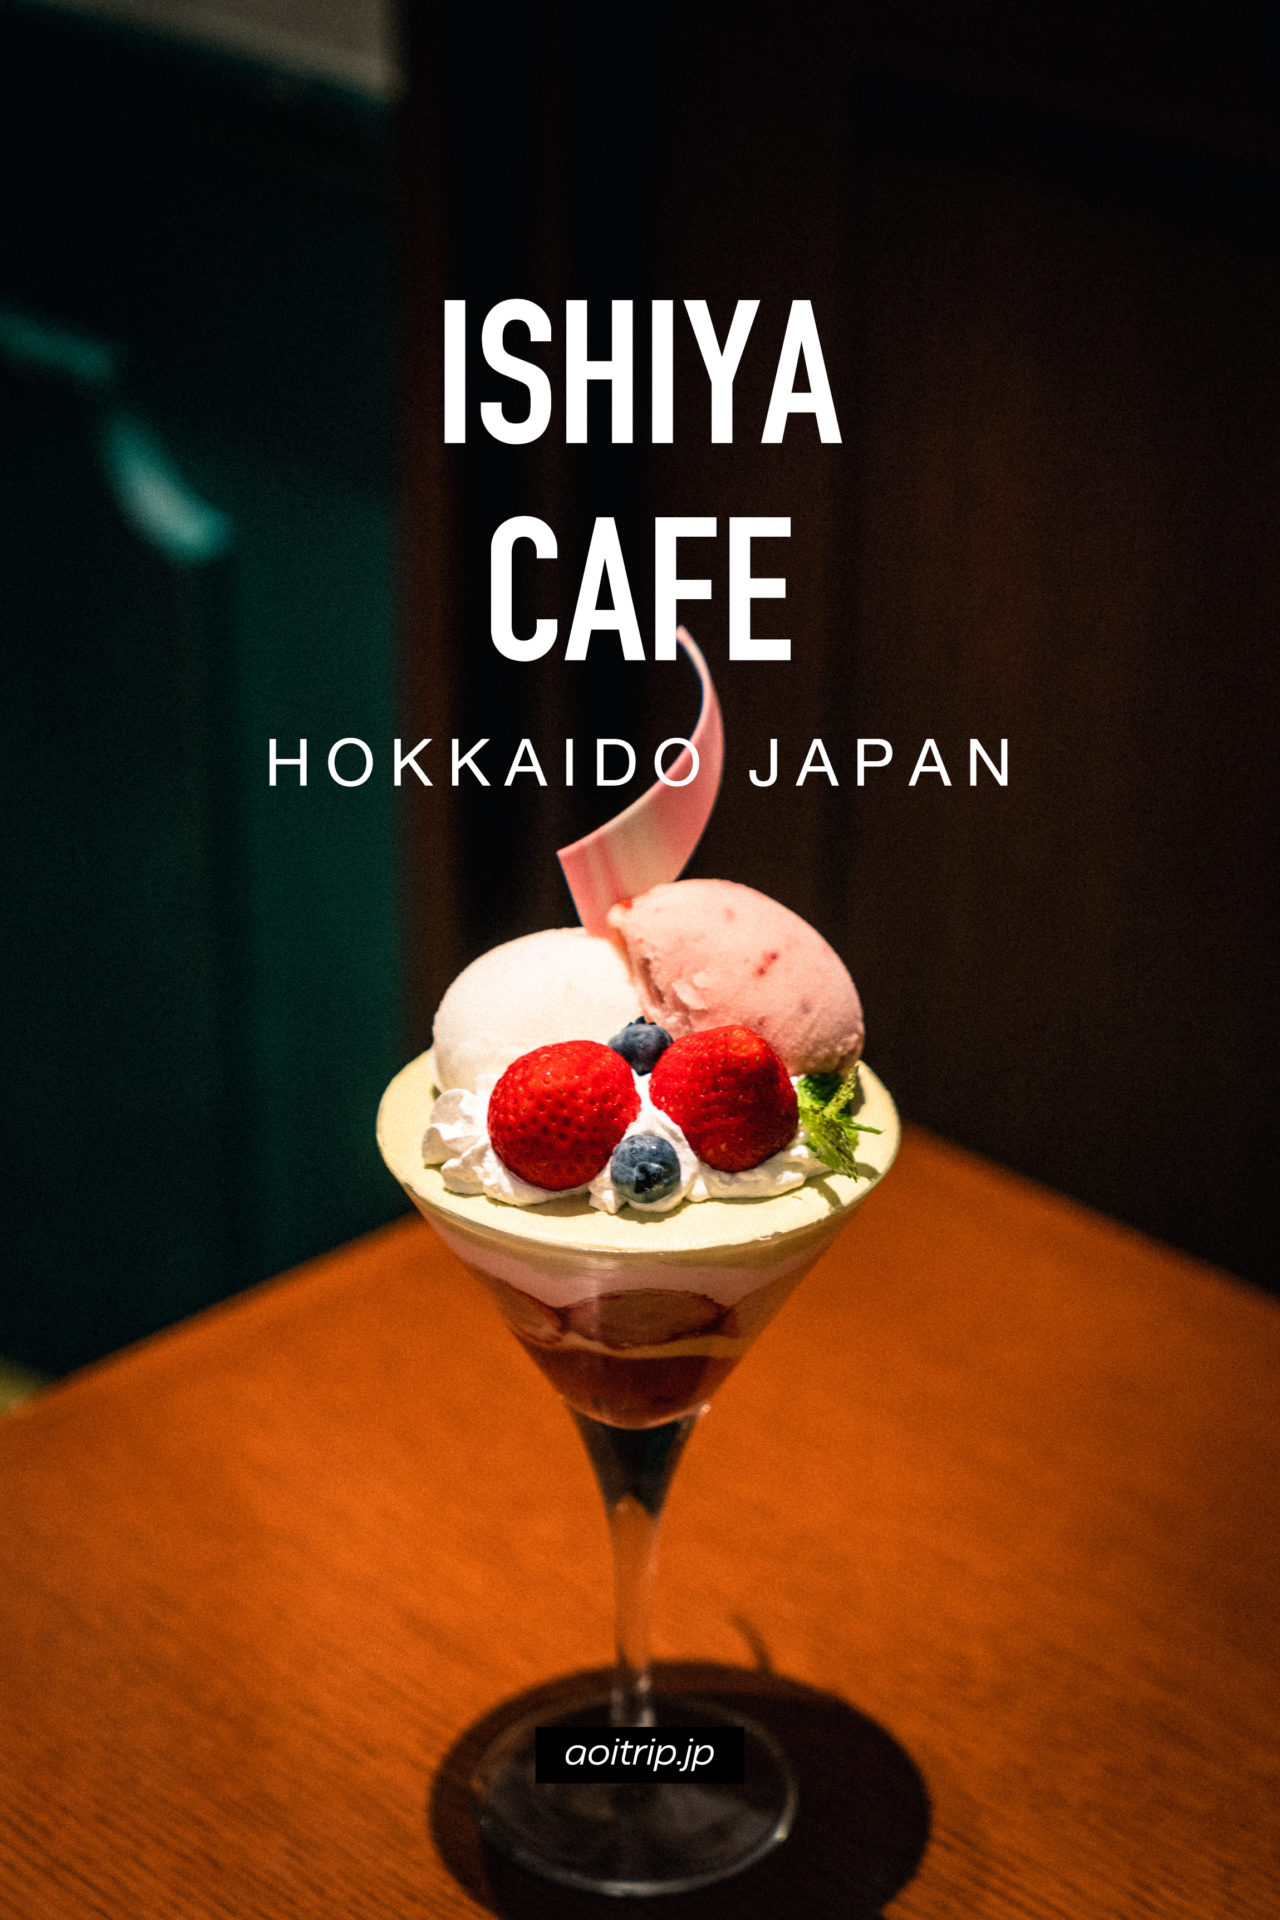 札幌イシヤカフェ ISHIYA CAFÉ